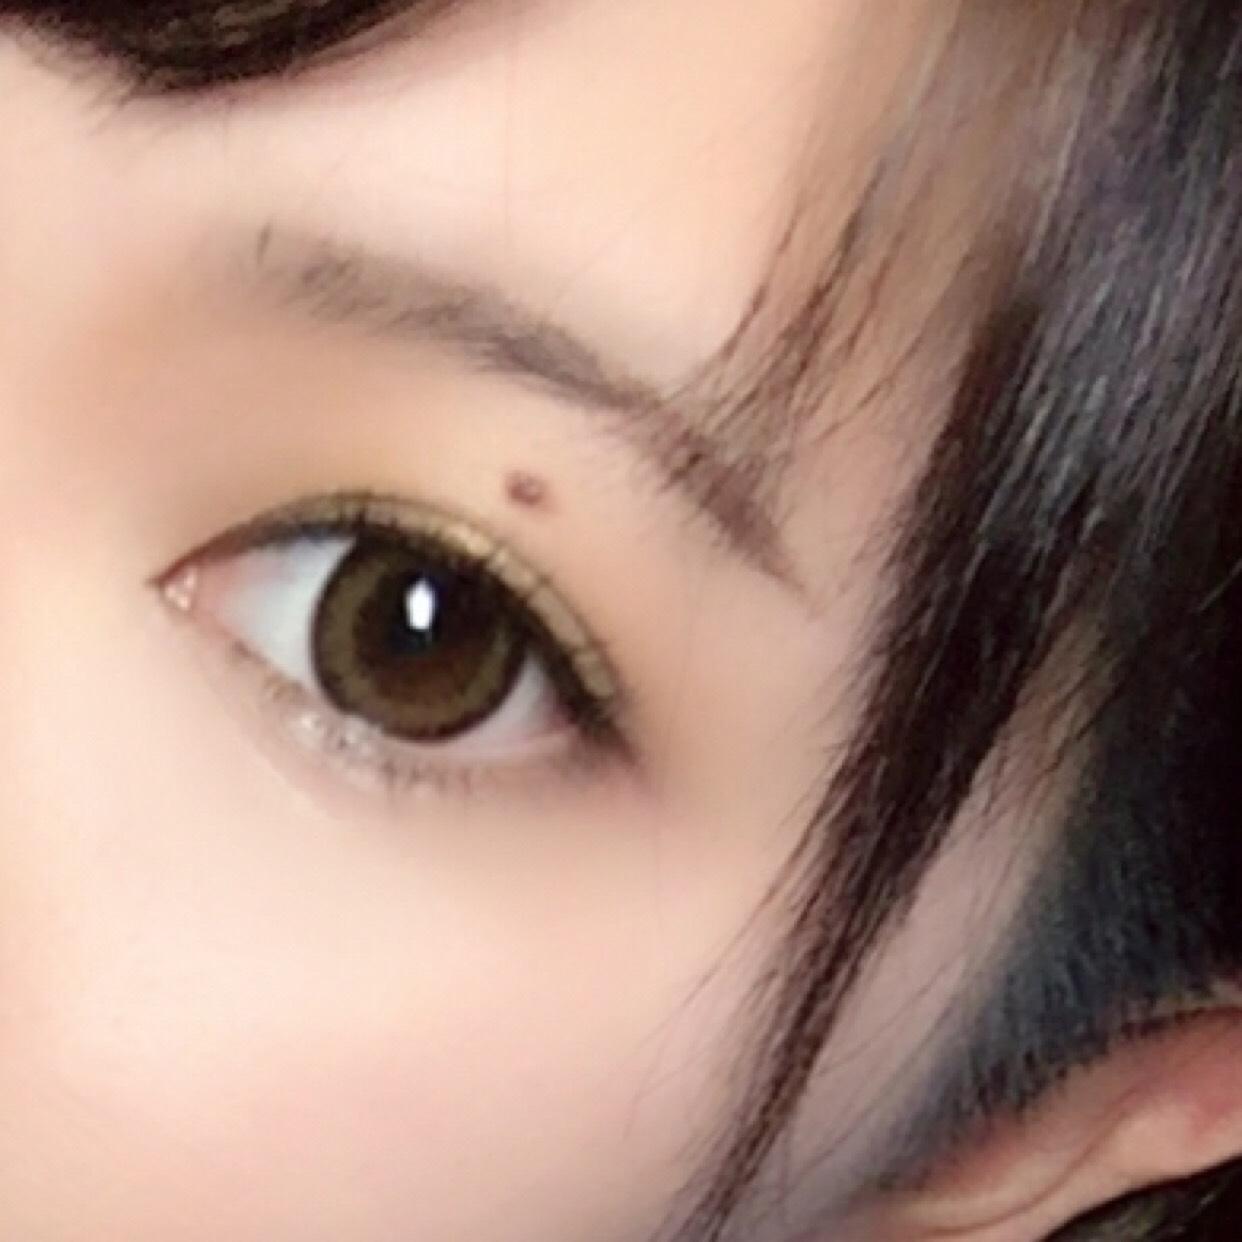 眉毛はあまりはっきり書かずにさっさっ(?)とかきます! 切開ラインはあまり目立たないように筆を置くぐらいで大丈夫です まつ毛はビューラーでしっかり上げてマスカラをぬってくだはいね!下まつげにも!